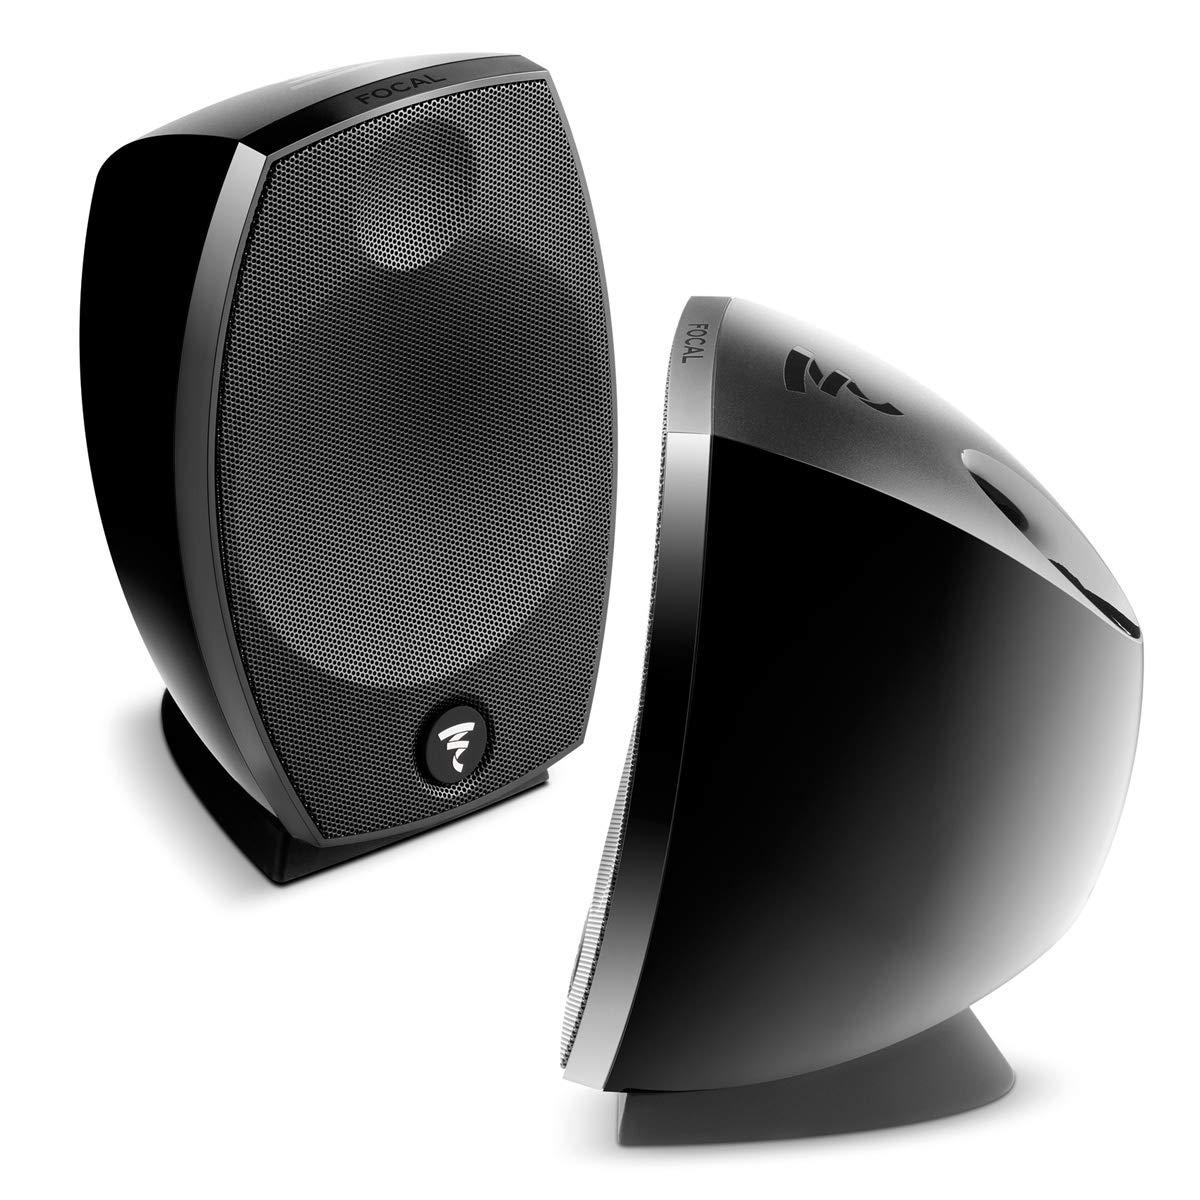 Focal SIB Evo 2.0 2-Way Bass-Reflex Satellite Loudspeakers - Pair (Black) by Focal